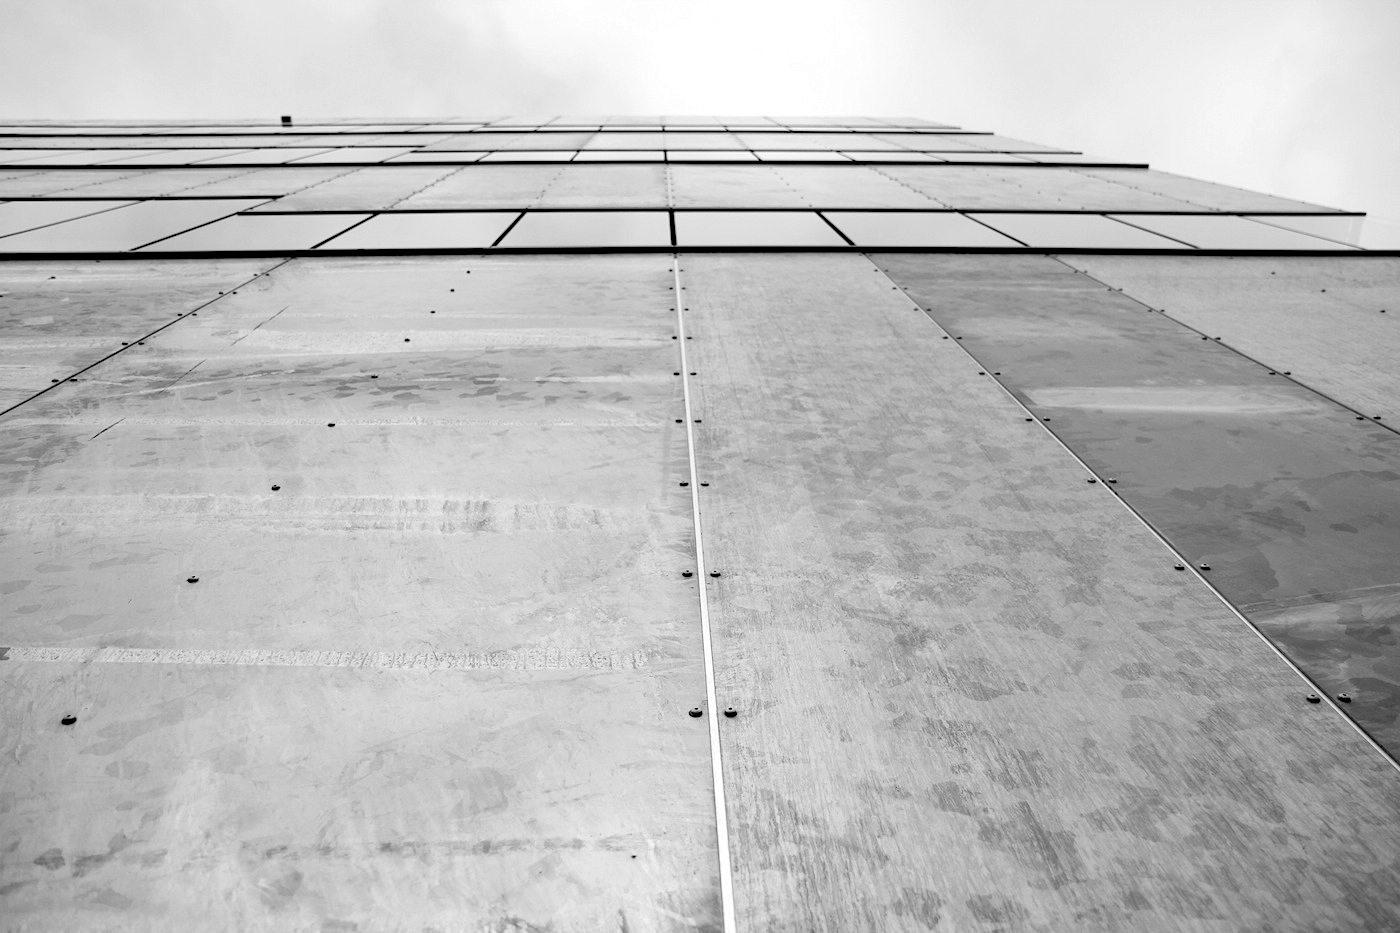 Zeche Zollverein. Der Entwurf stammt von MGF Architekten und Wenzel + Wenzel. Der Neubau ist Teil des 2001 von OMA konzipierten Masterplans mit der Bebauung der Randbereiche des 100 Hektar großen Areals.